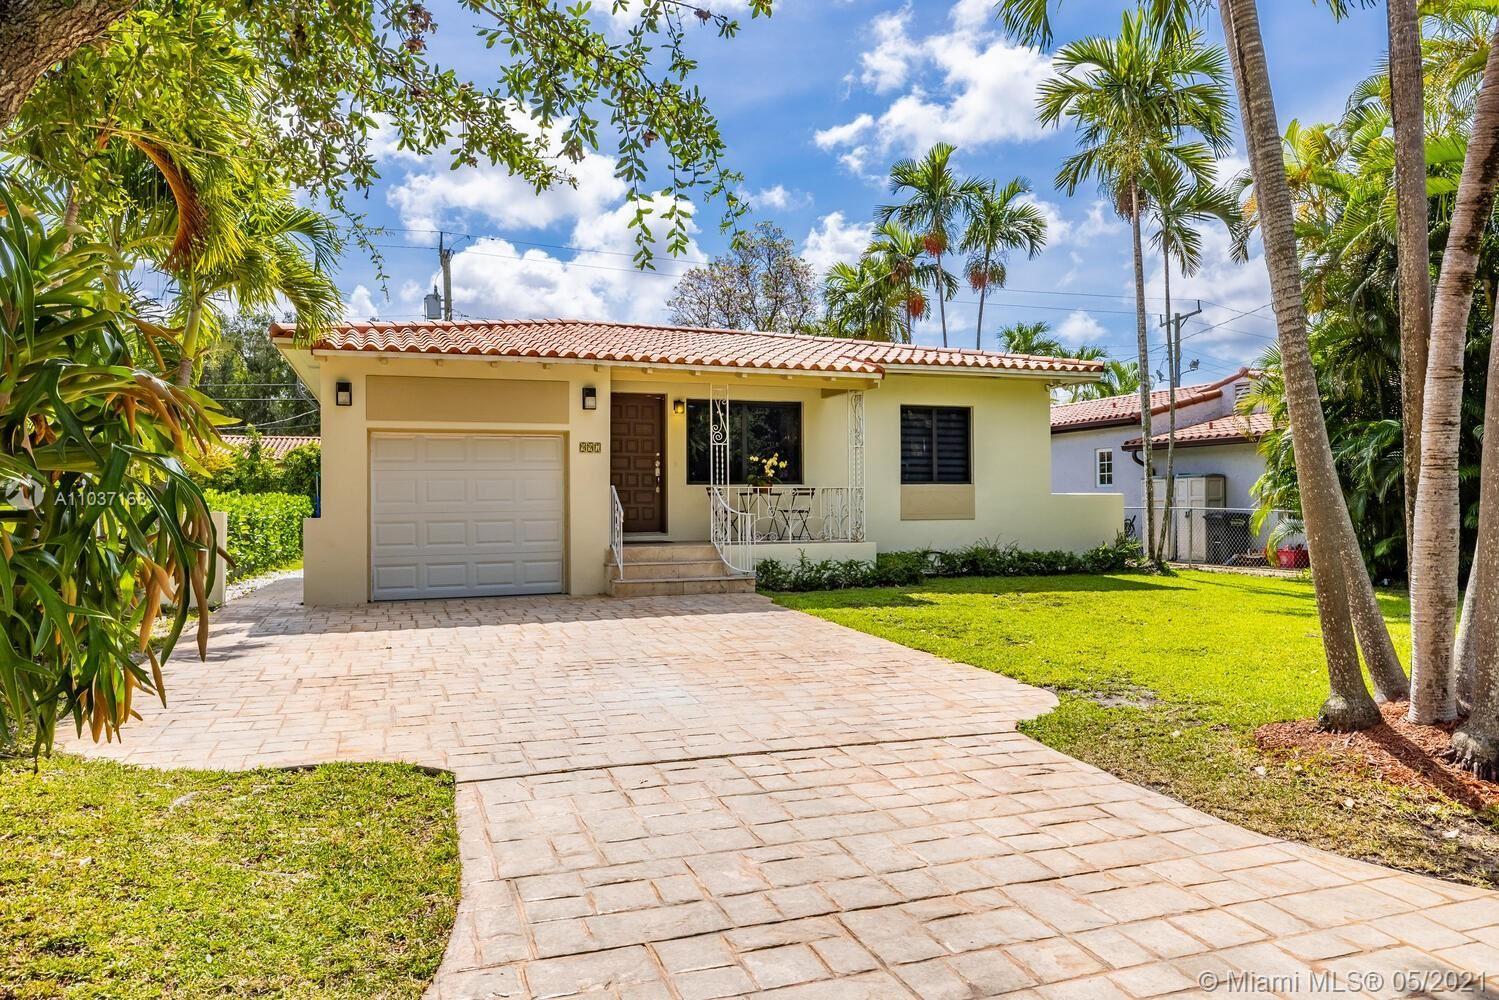 997 Monterey St, Coral Gables, FL 33134 - #: A11037168